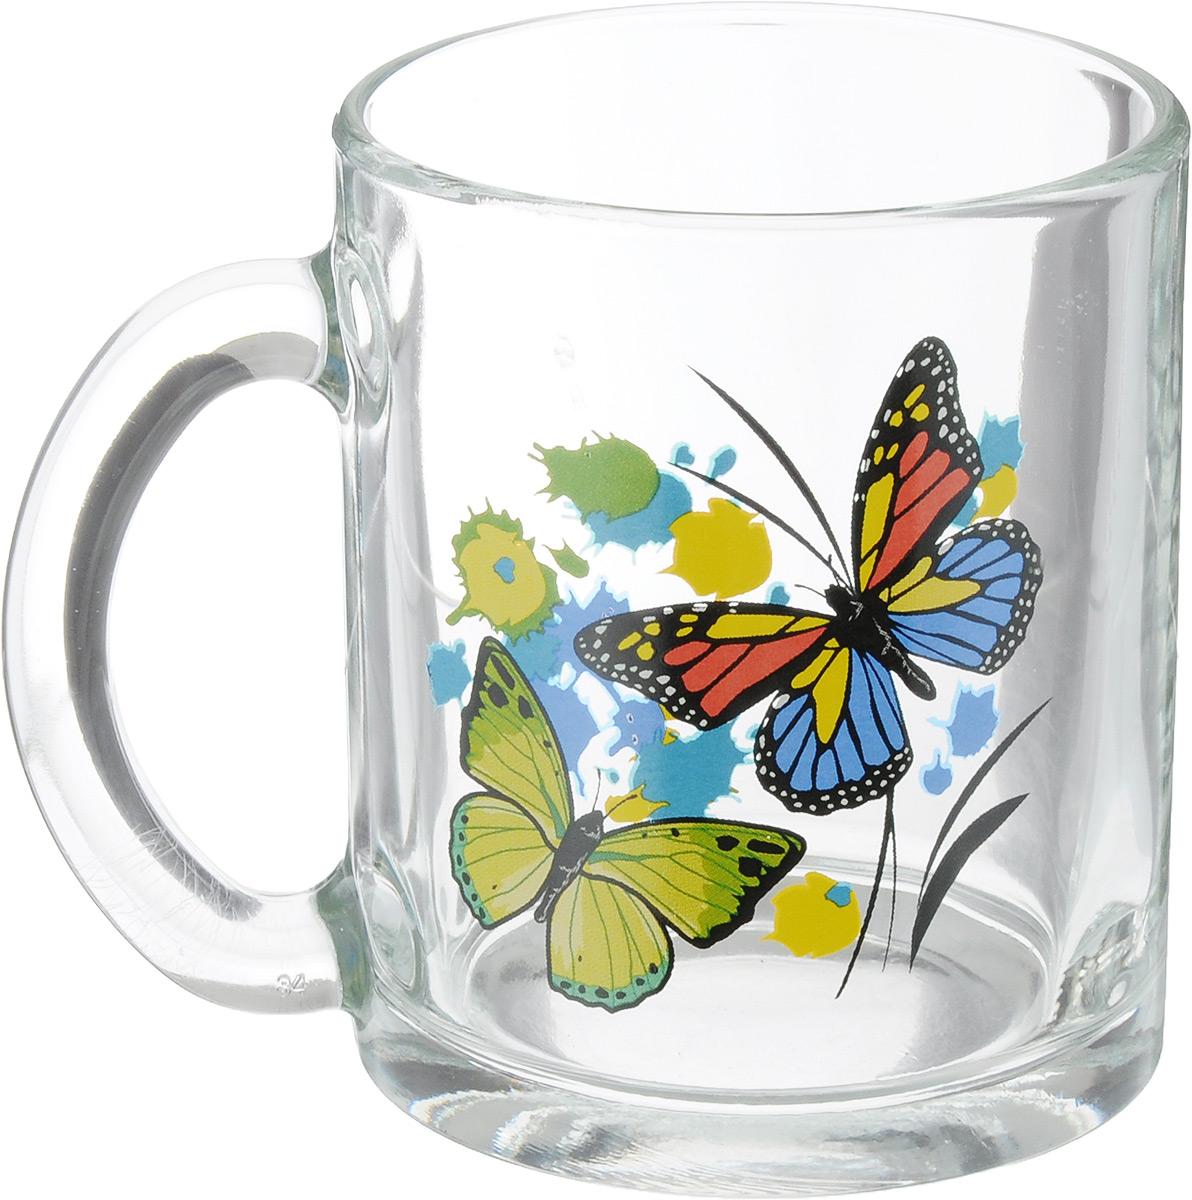 Кружка OSZ Чайная. Танец бабочек, 320 мл04C1208-TBM_вид 2Кружка OSZ Чайная. Танец бабочек изготовлена из прозрачного стекла и украшена красивым рисунком. Изделие идеально подходит для сервировки стола.Кружка не только украсит ваш кухонный стол, но и подчеркнет прекрасный вкус хозяйки. Диаметр кружки (по верхнему краю): 8 см. Высота кружки: 9,5 см. Объем кружки: 320 мл.